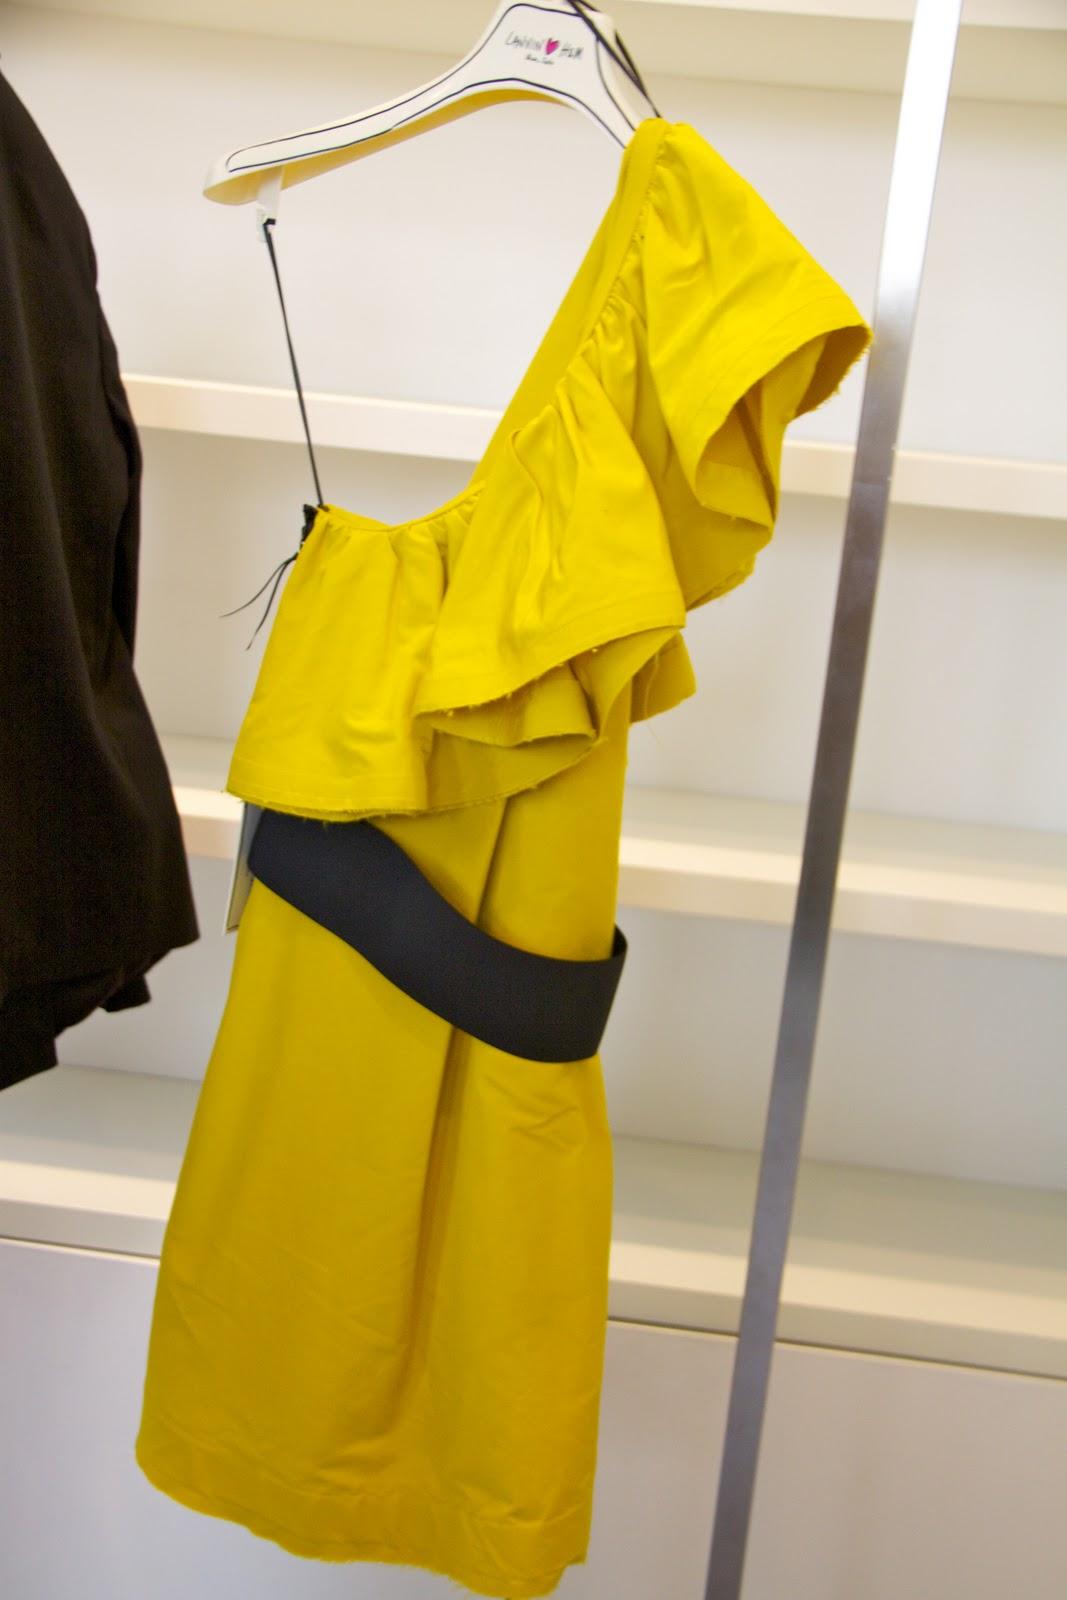 58adfb0fafb8a Vestito giallo hm – Abiti corti